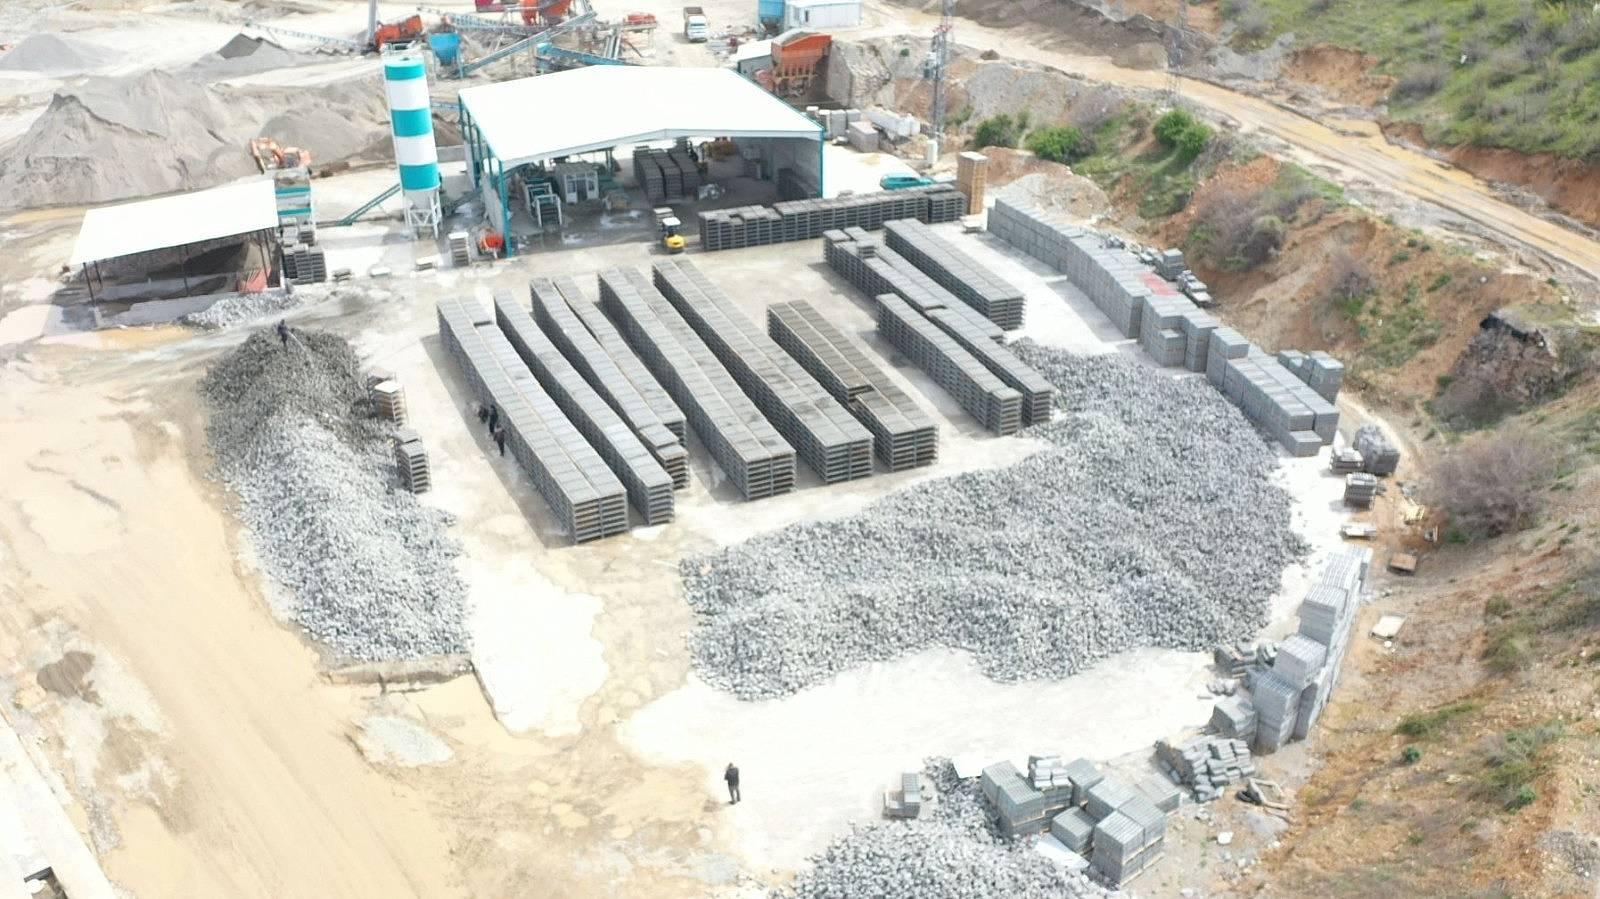 2021/06/puturgede-kilit-tasi-uretim-tesisi-acildi-20210607AW33-2.jpg